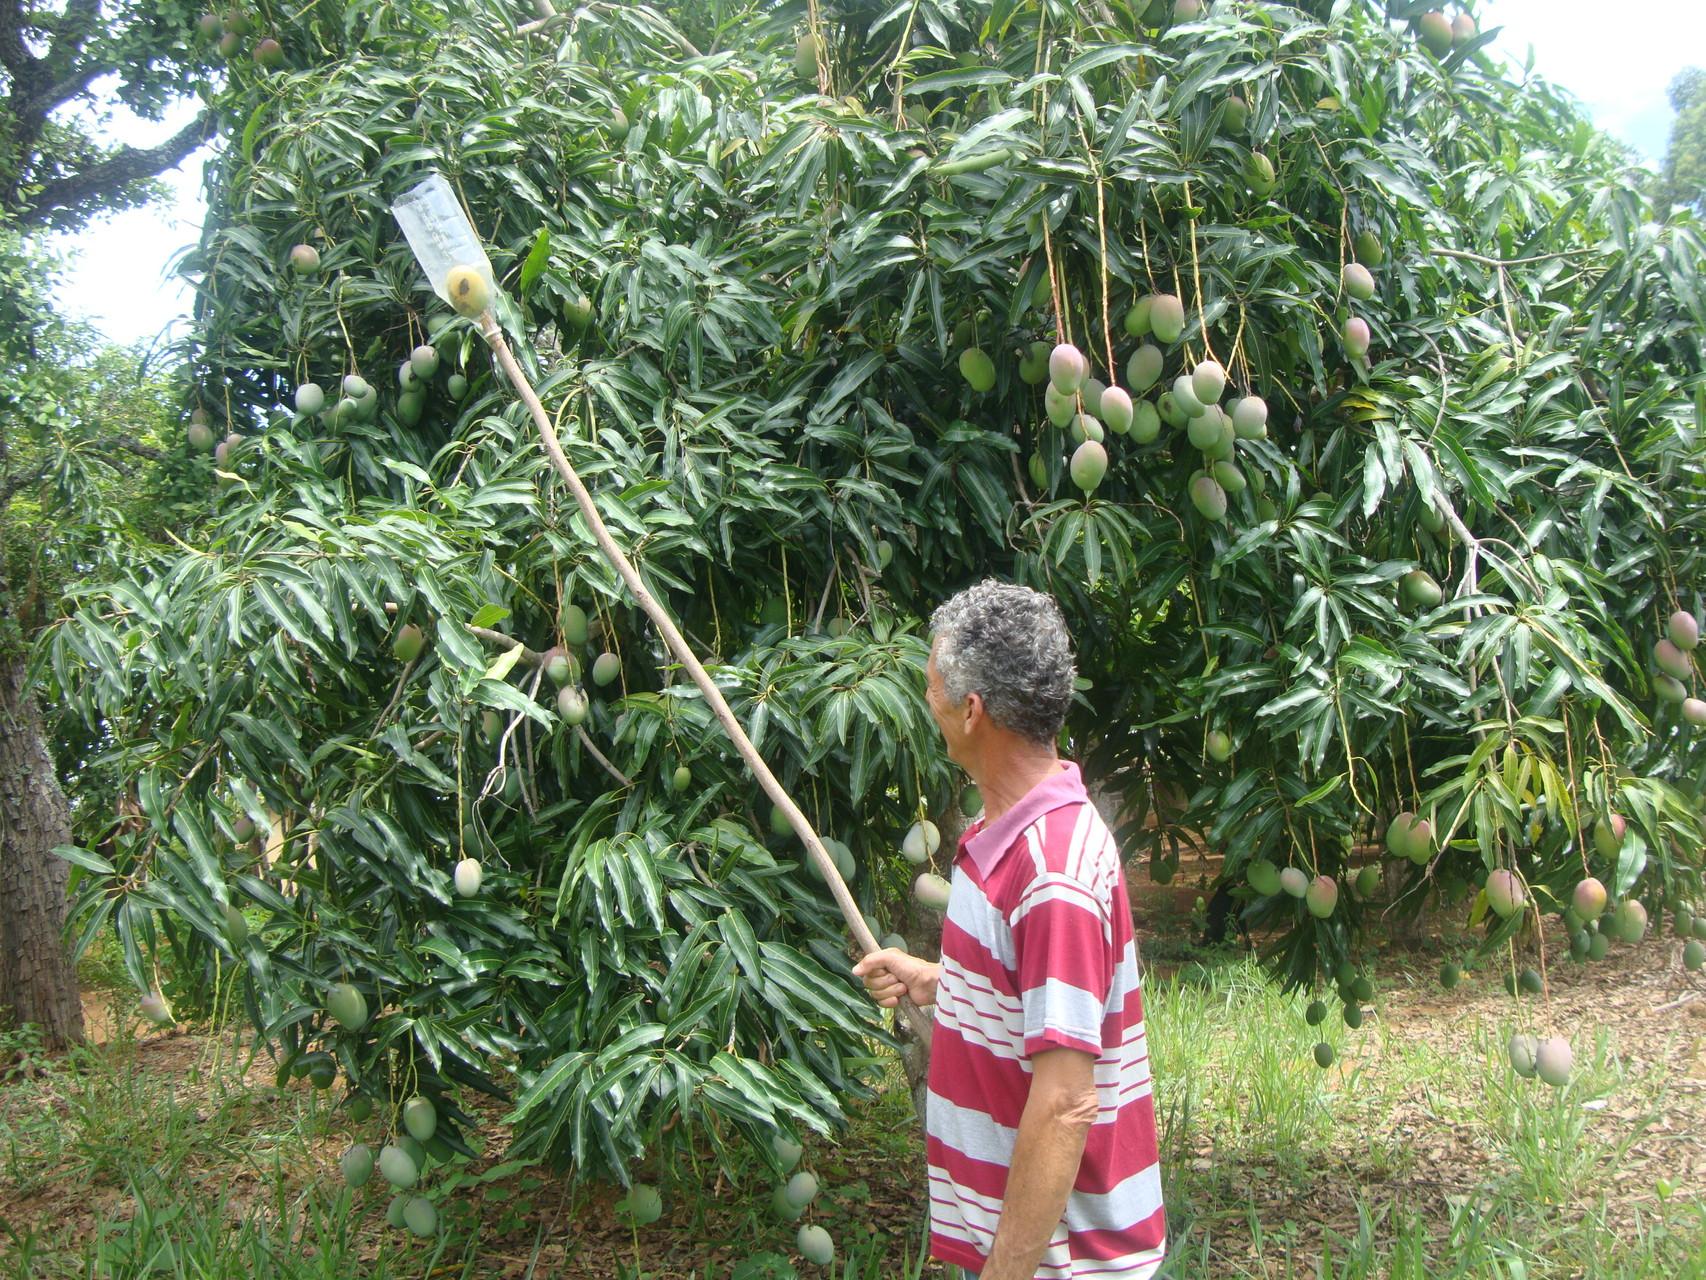 ペットボトルを切って加工したキャッチャーでマンゴを収穫。